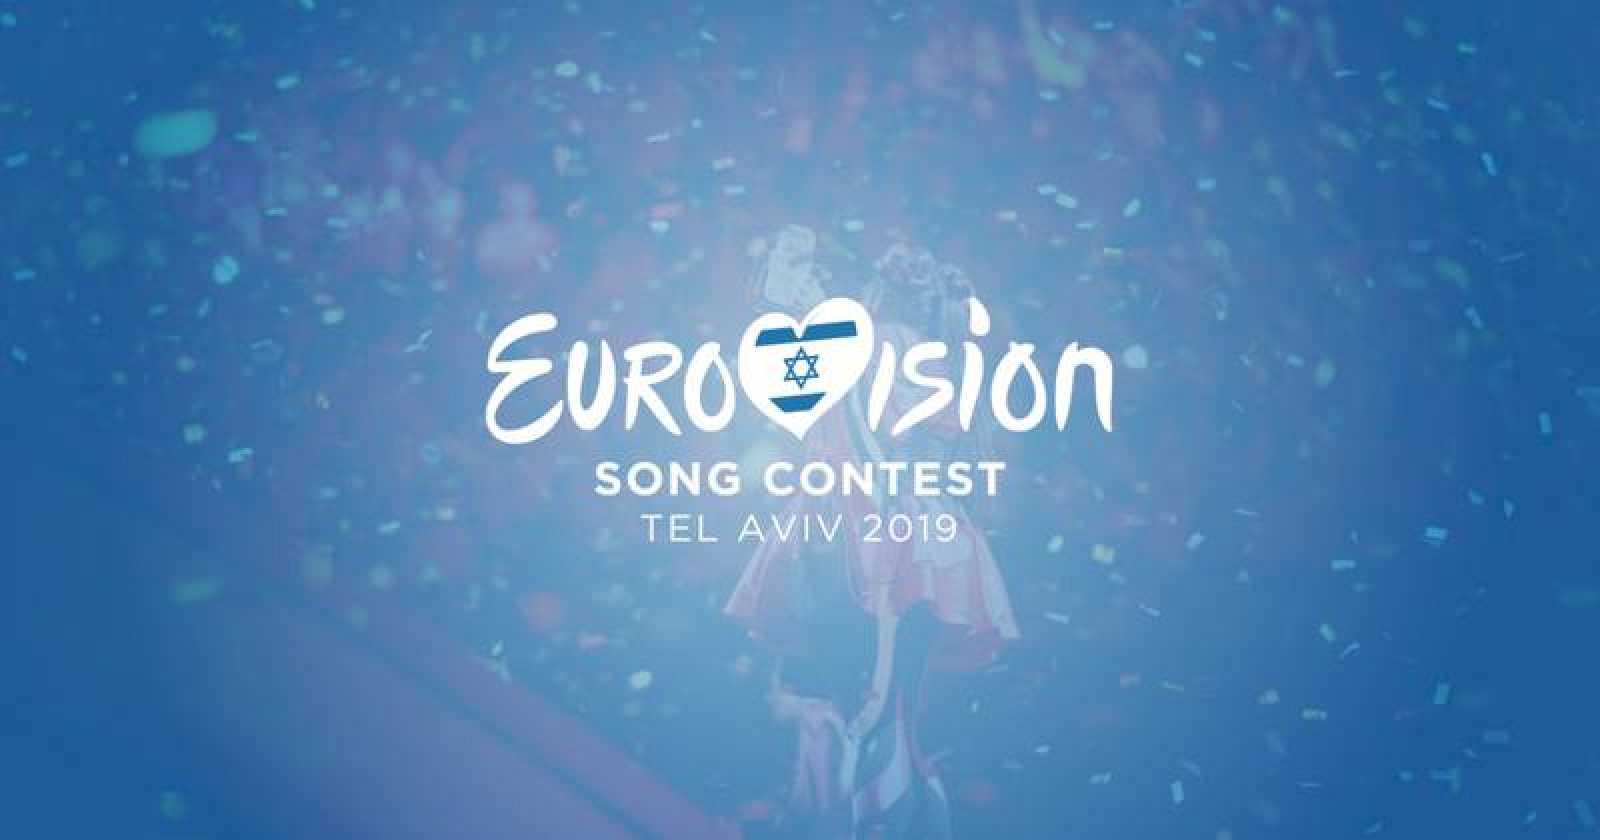 Tel Aviv acogerá el Festival de Eurovisión 2019 el 18 mayo